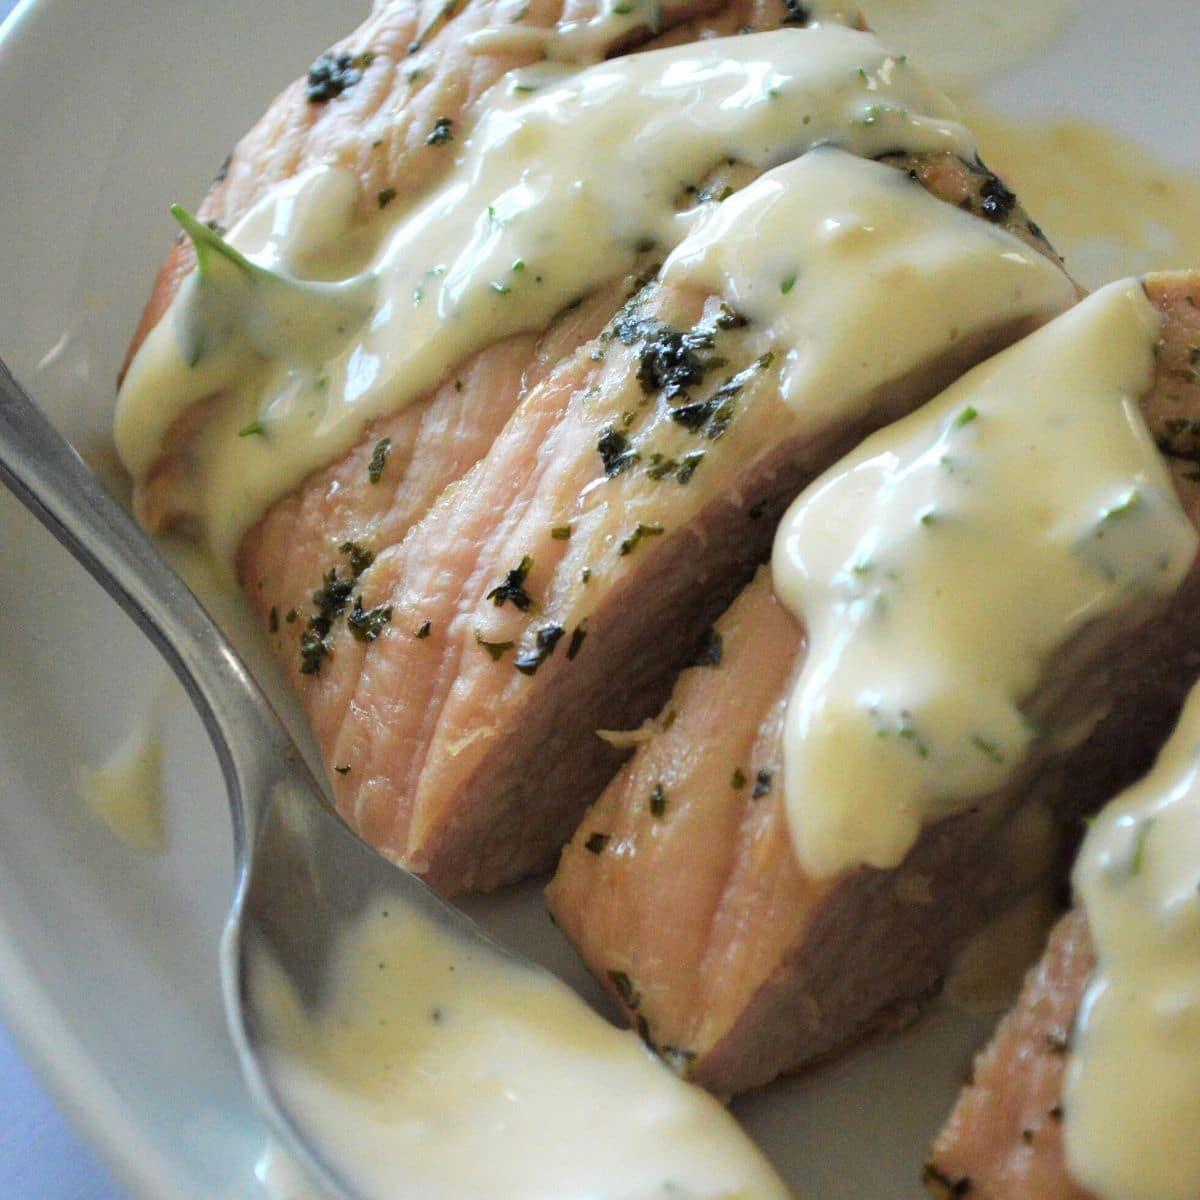 sliced roast pork with a lemon herb sauce